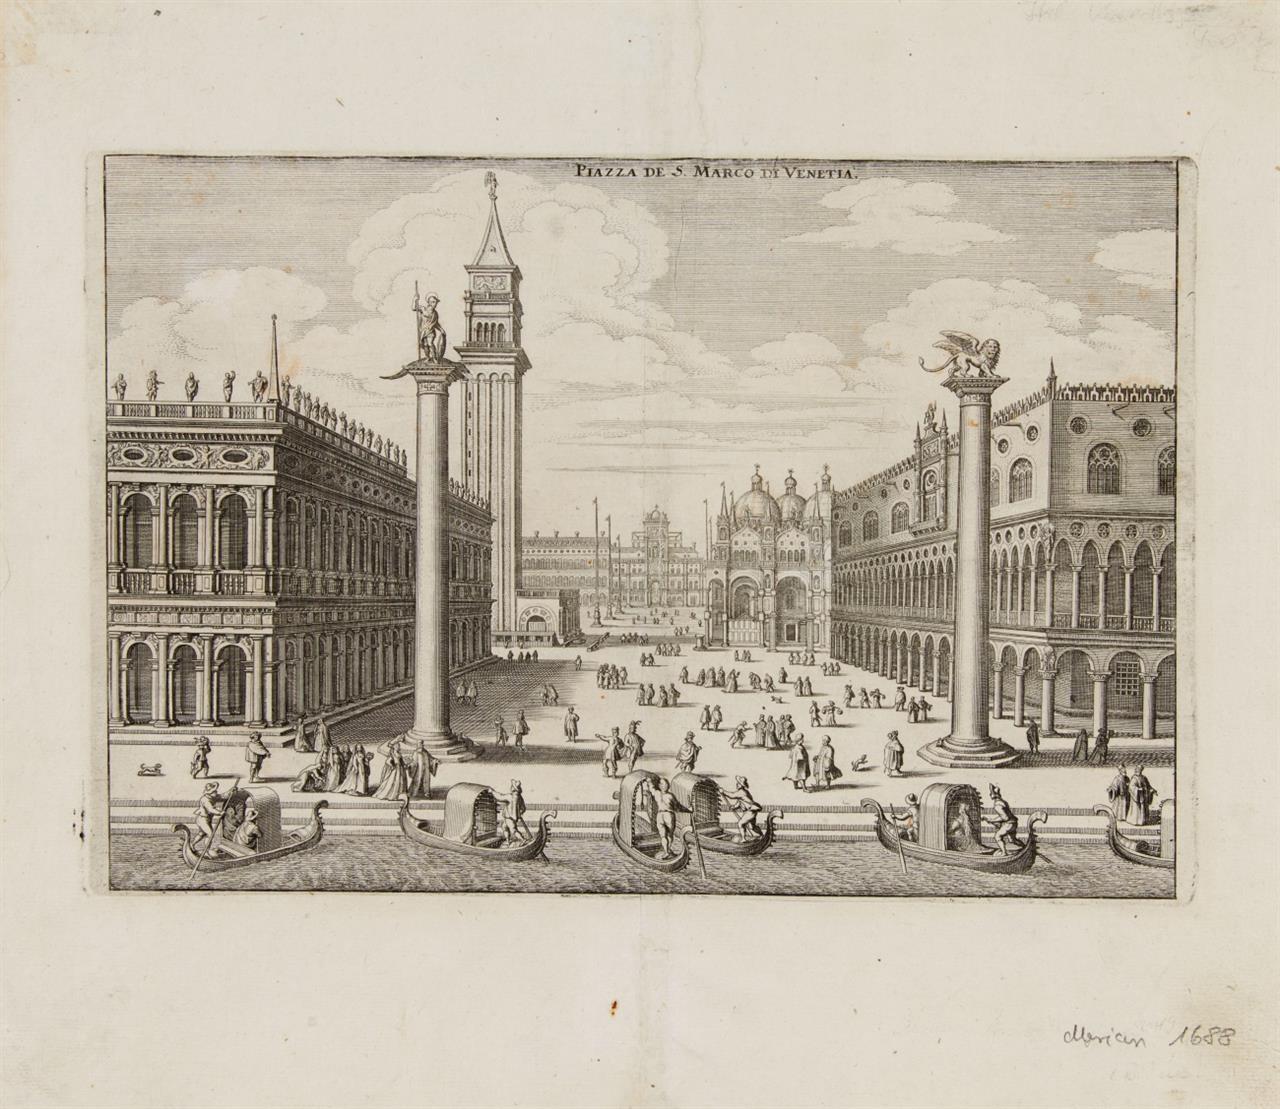 Venedig. Piazza di S. Marco. 2 Ansichten. 2 Blatt Radierung a. Merian Itinerarium Italiae...